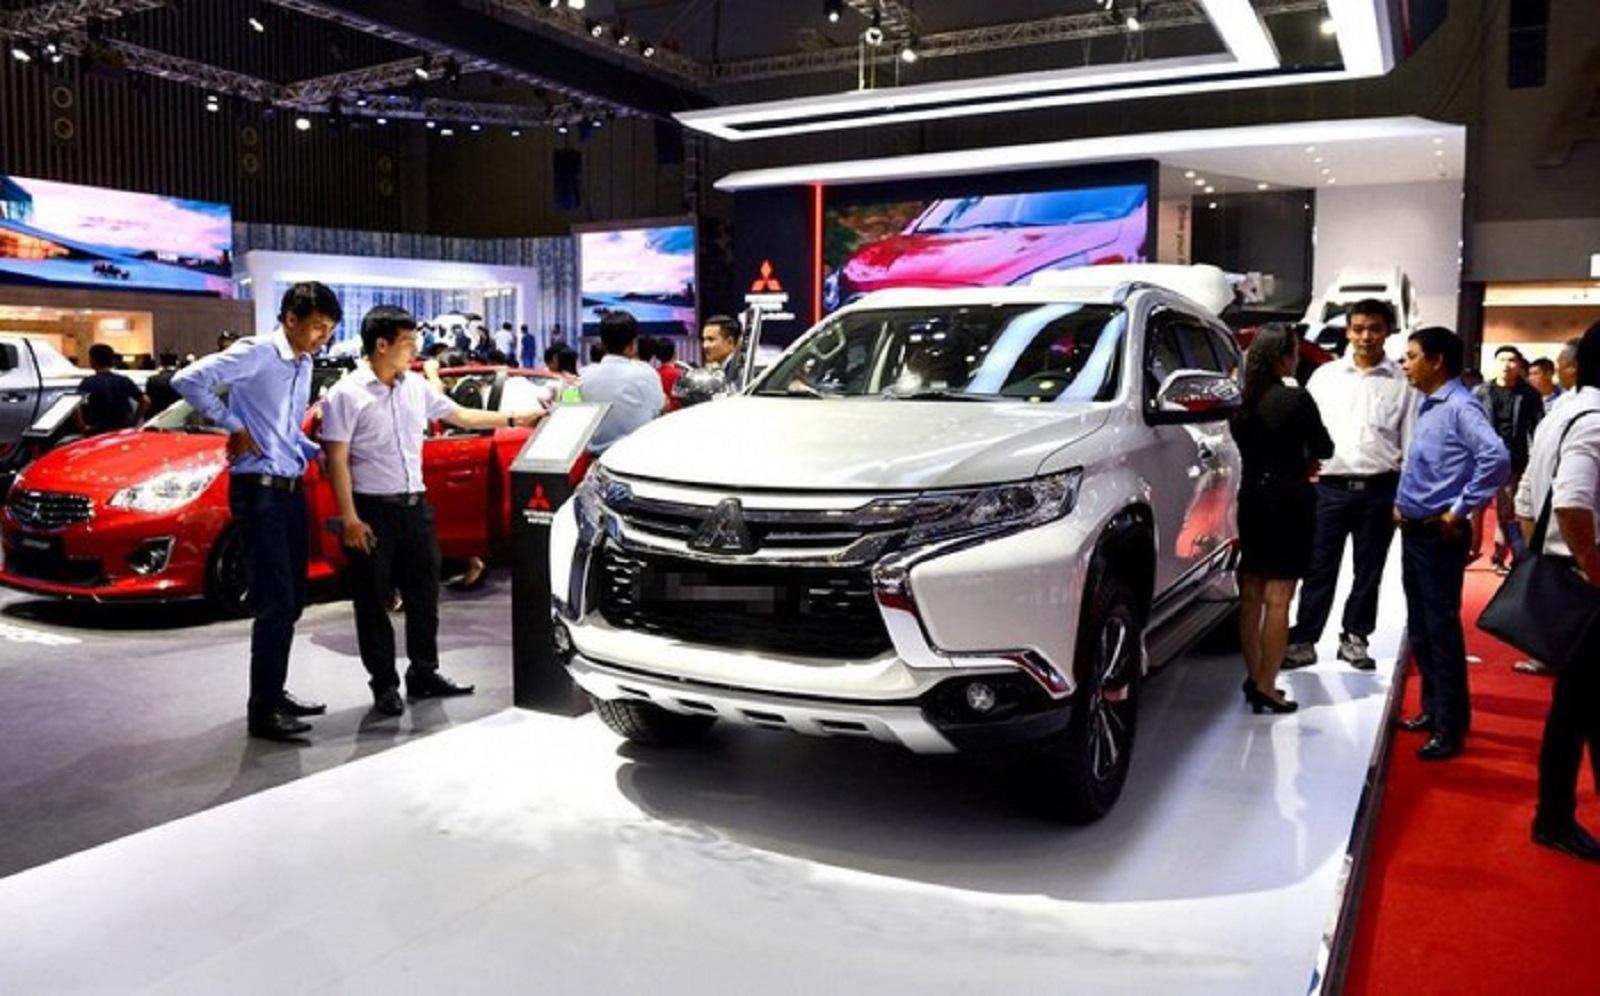 'Thời bùng nổ ô tô', người Việt mua hơn 1.000 chiếc xe hơi mỗi ngày - Ảnh 1.